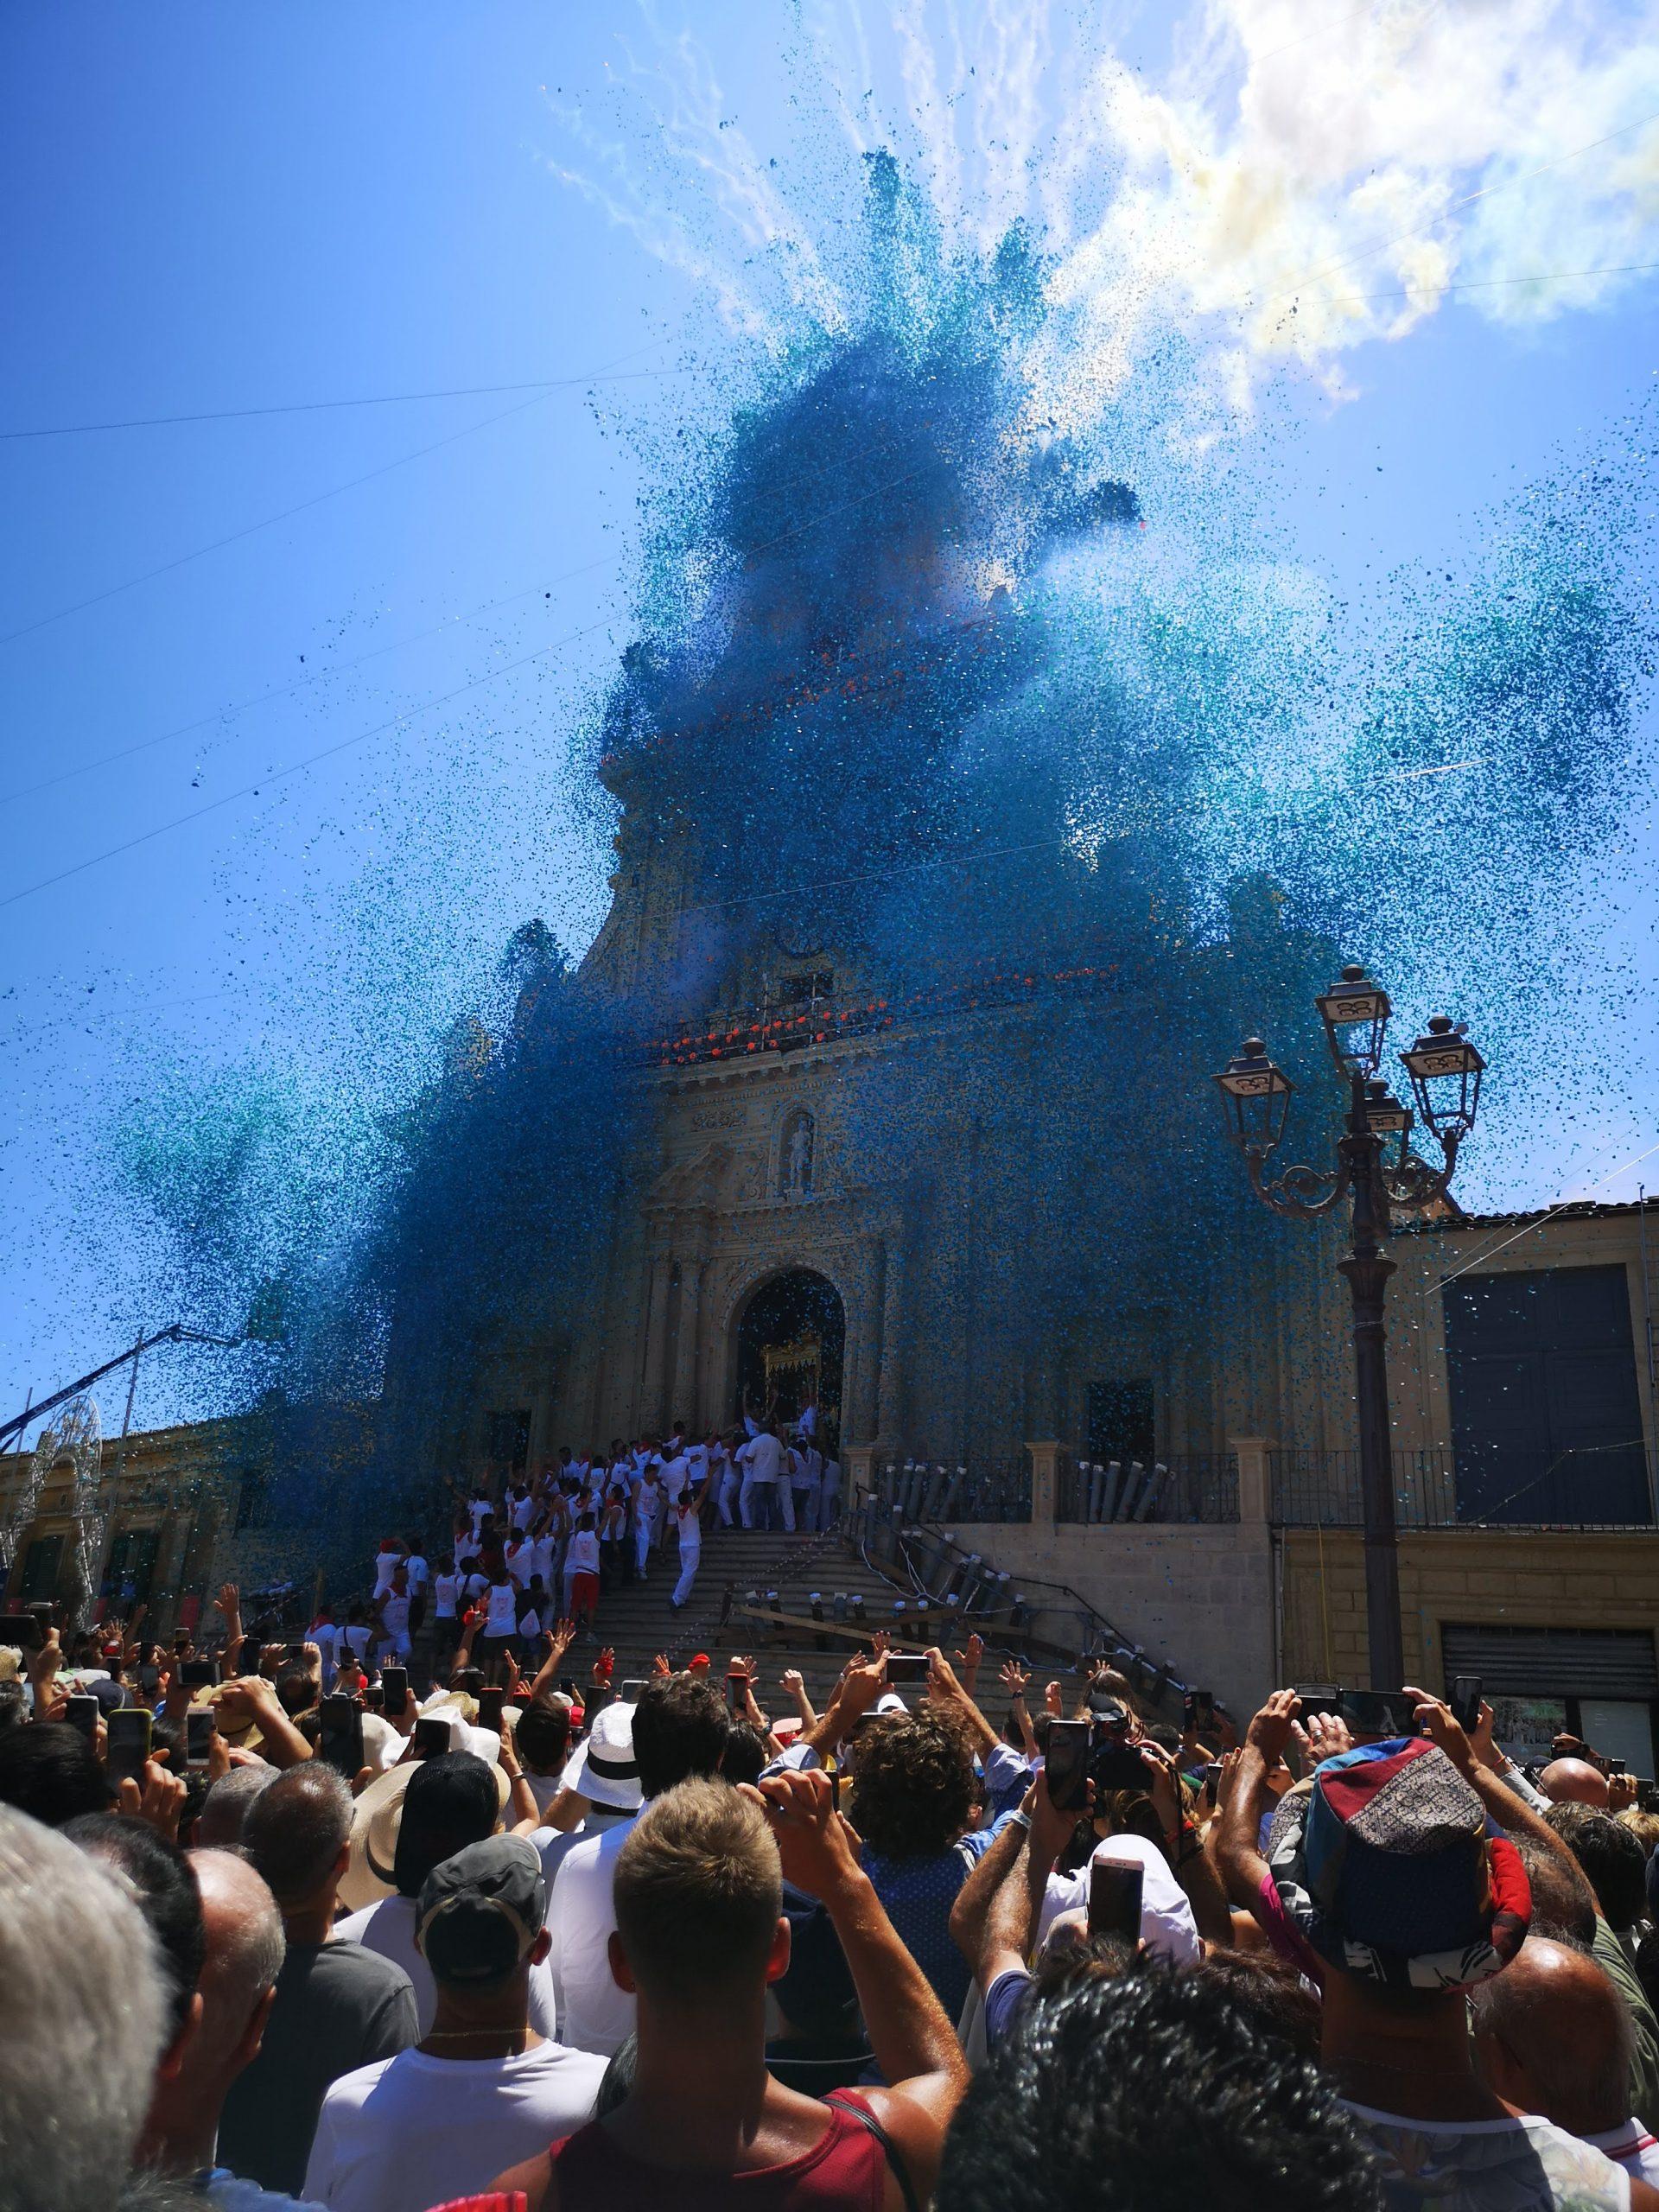 coriandoli sparati davanti la chiesa per i festeggiamenti per la festa di palazzolo acreide di san sebastiano